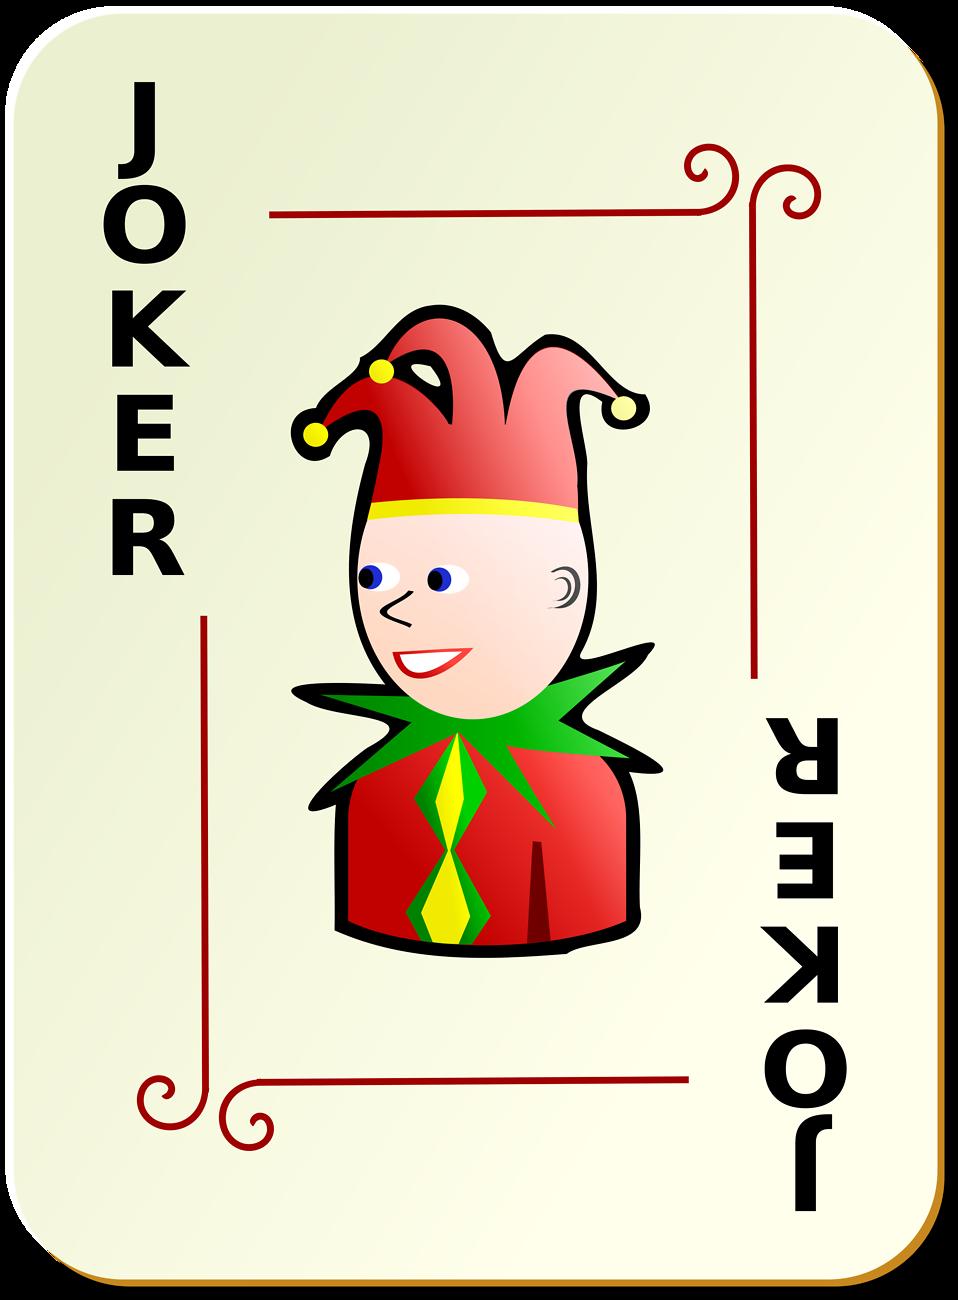 joker card art - photo #36